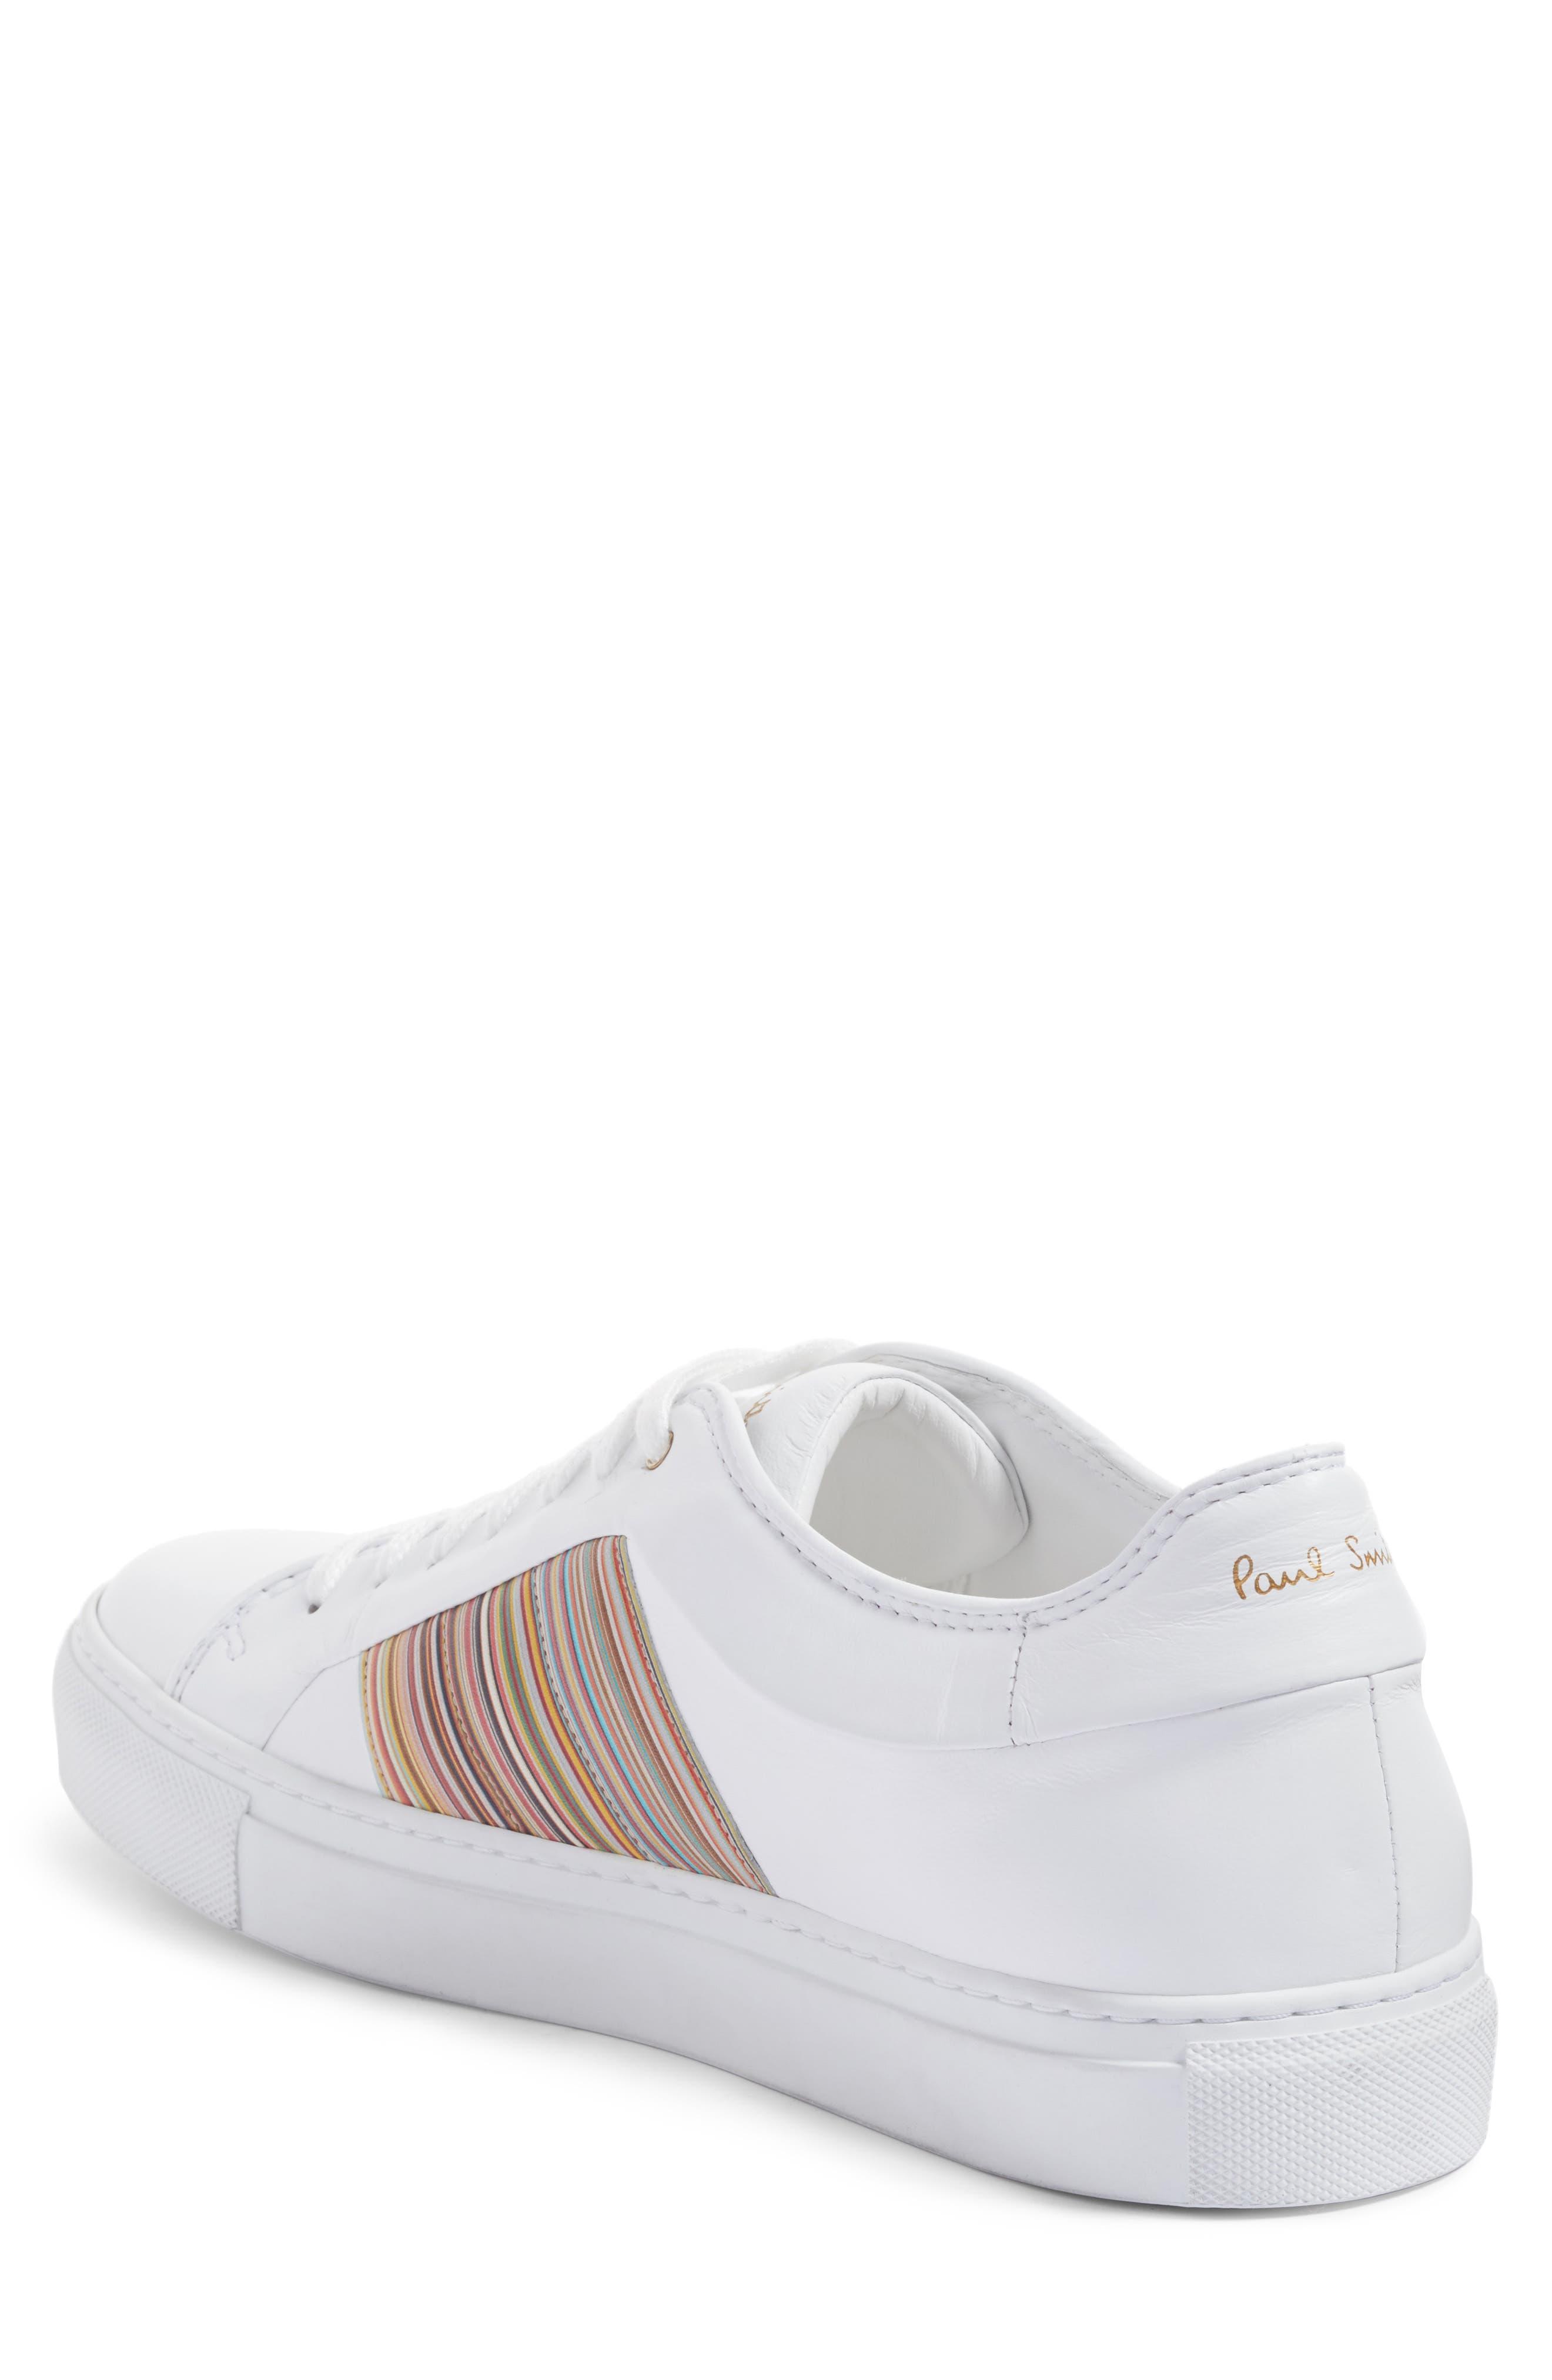 Ivo Sneaker,                             Alternate thumbnail 2, color,                             100